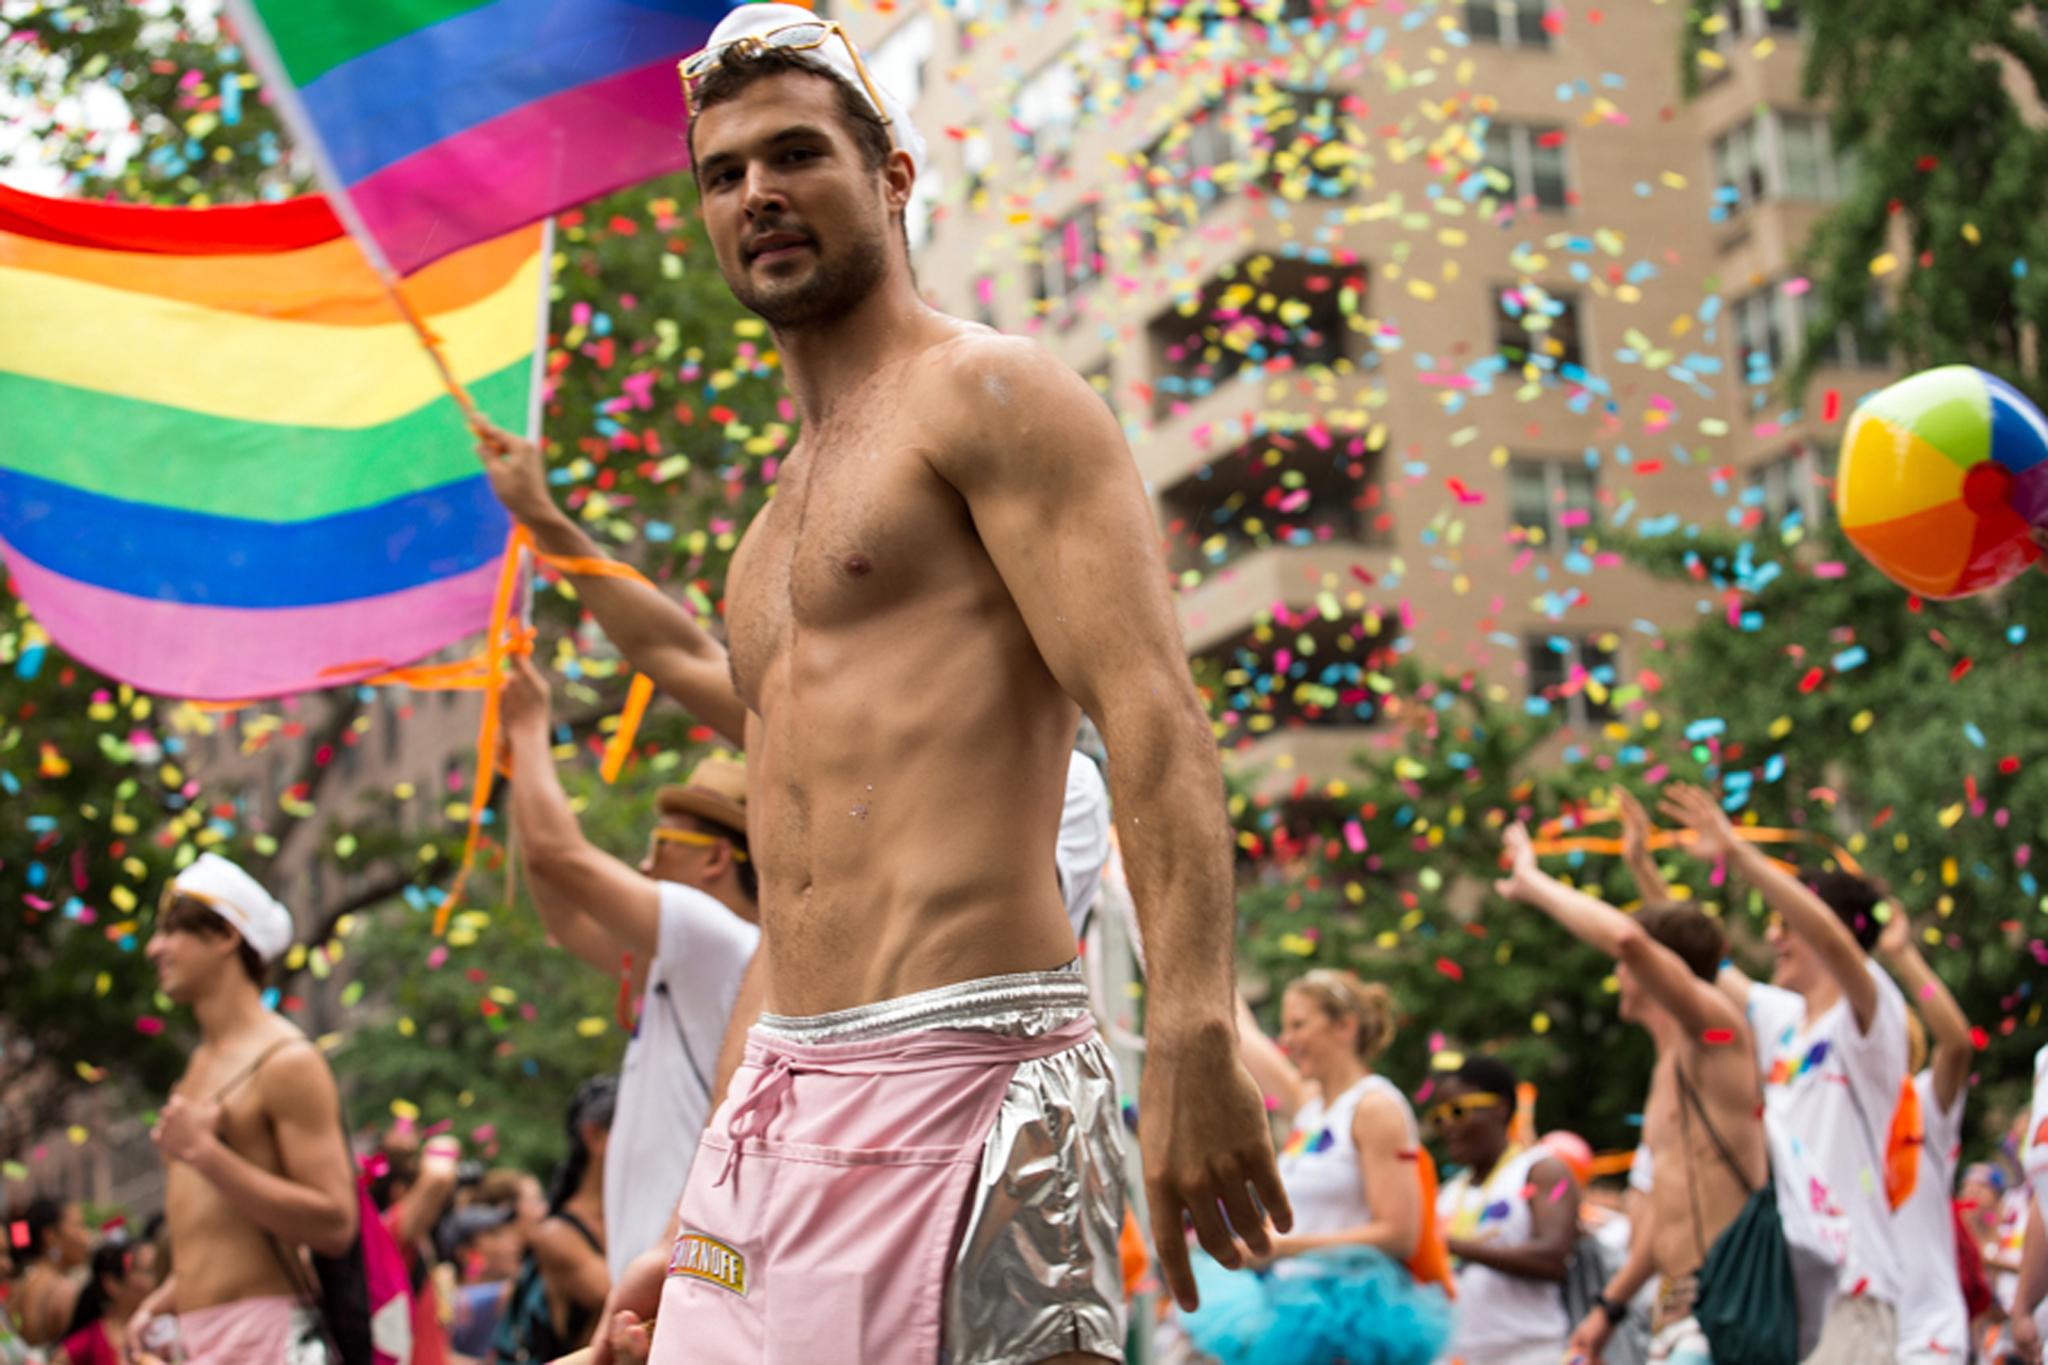 قتلى وجرحي في عملية دهس مسيرة للمثليين في فبوريدا